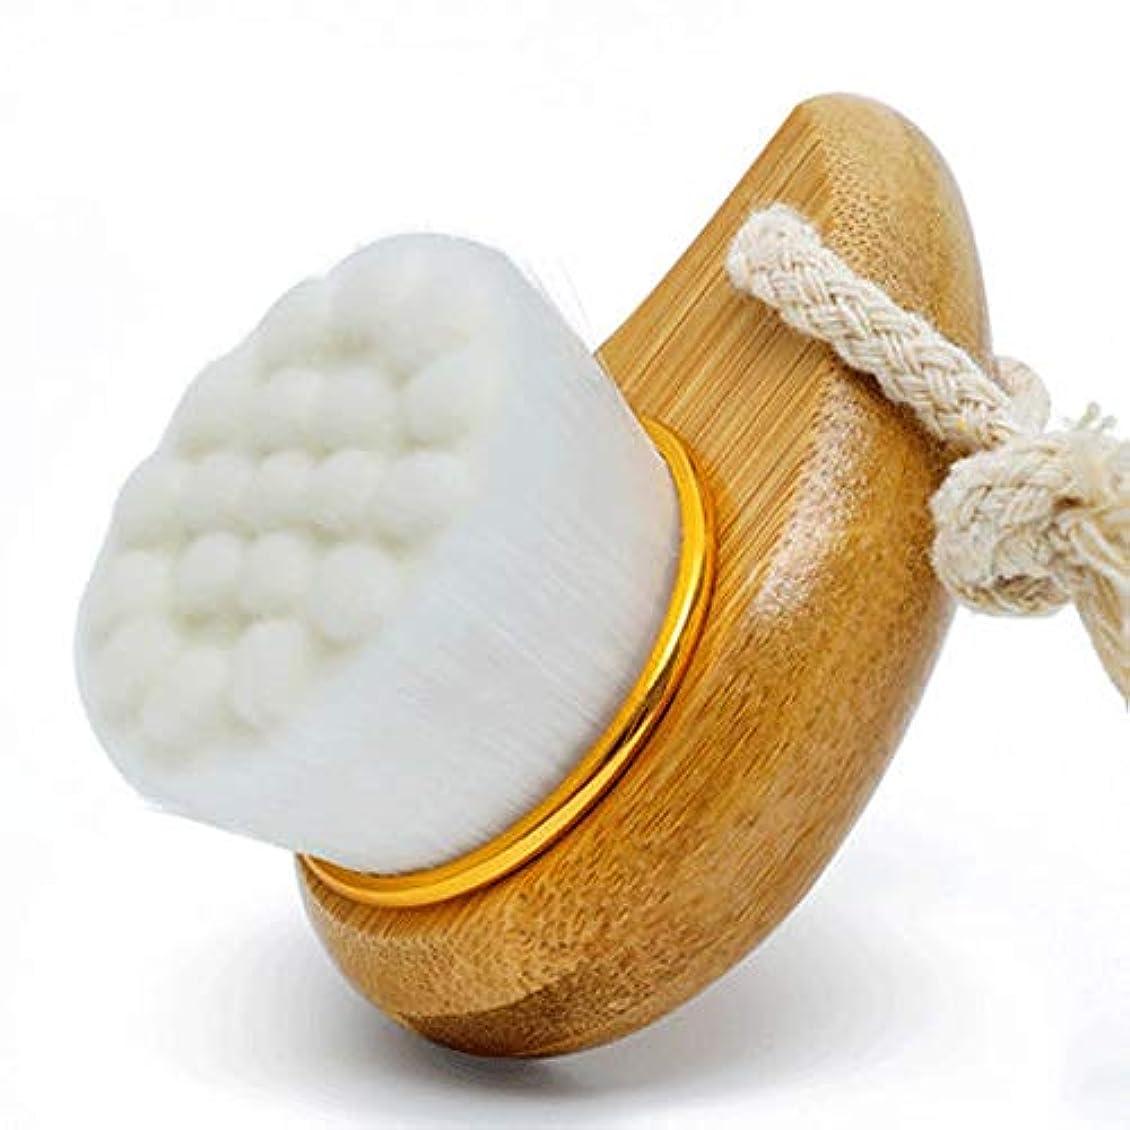 ウィンク抽象化に関してHEHUIHUI- クレンジングブラシ、防水ディープクレンジングポア、電気剥離、にきび、アンチエイジングクレンジングブラシ(ホワイト) (Color : White)